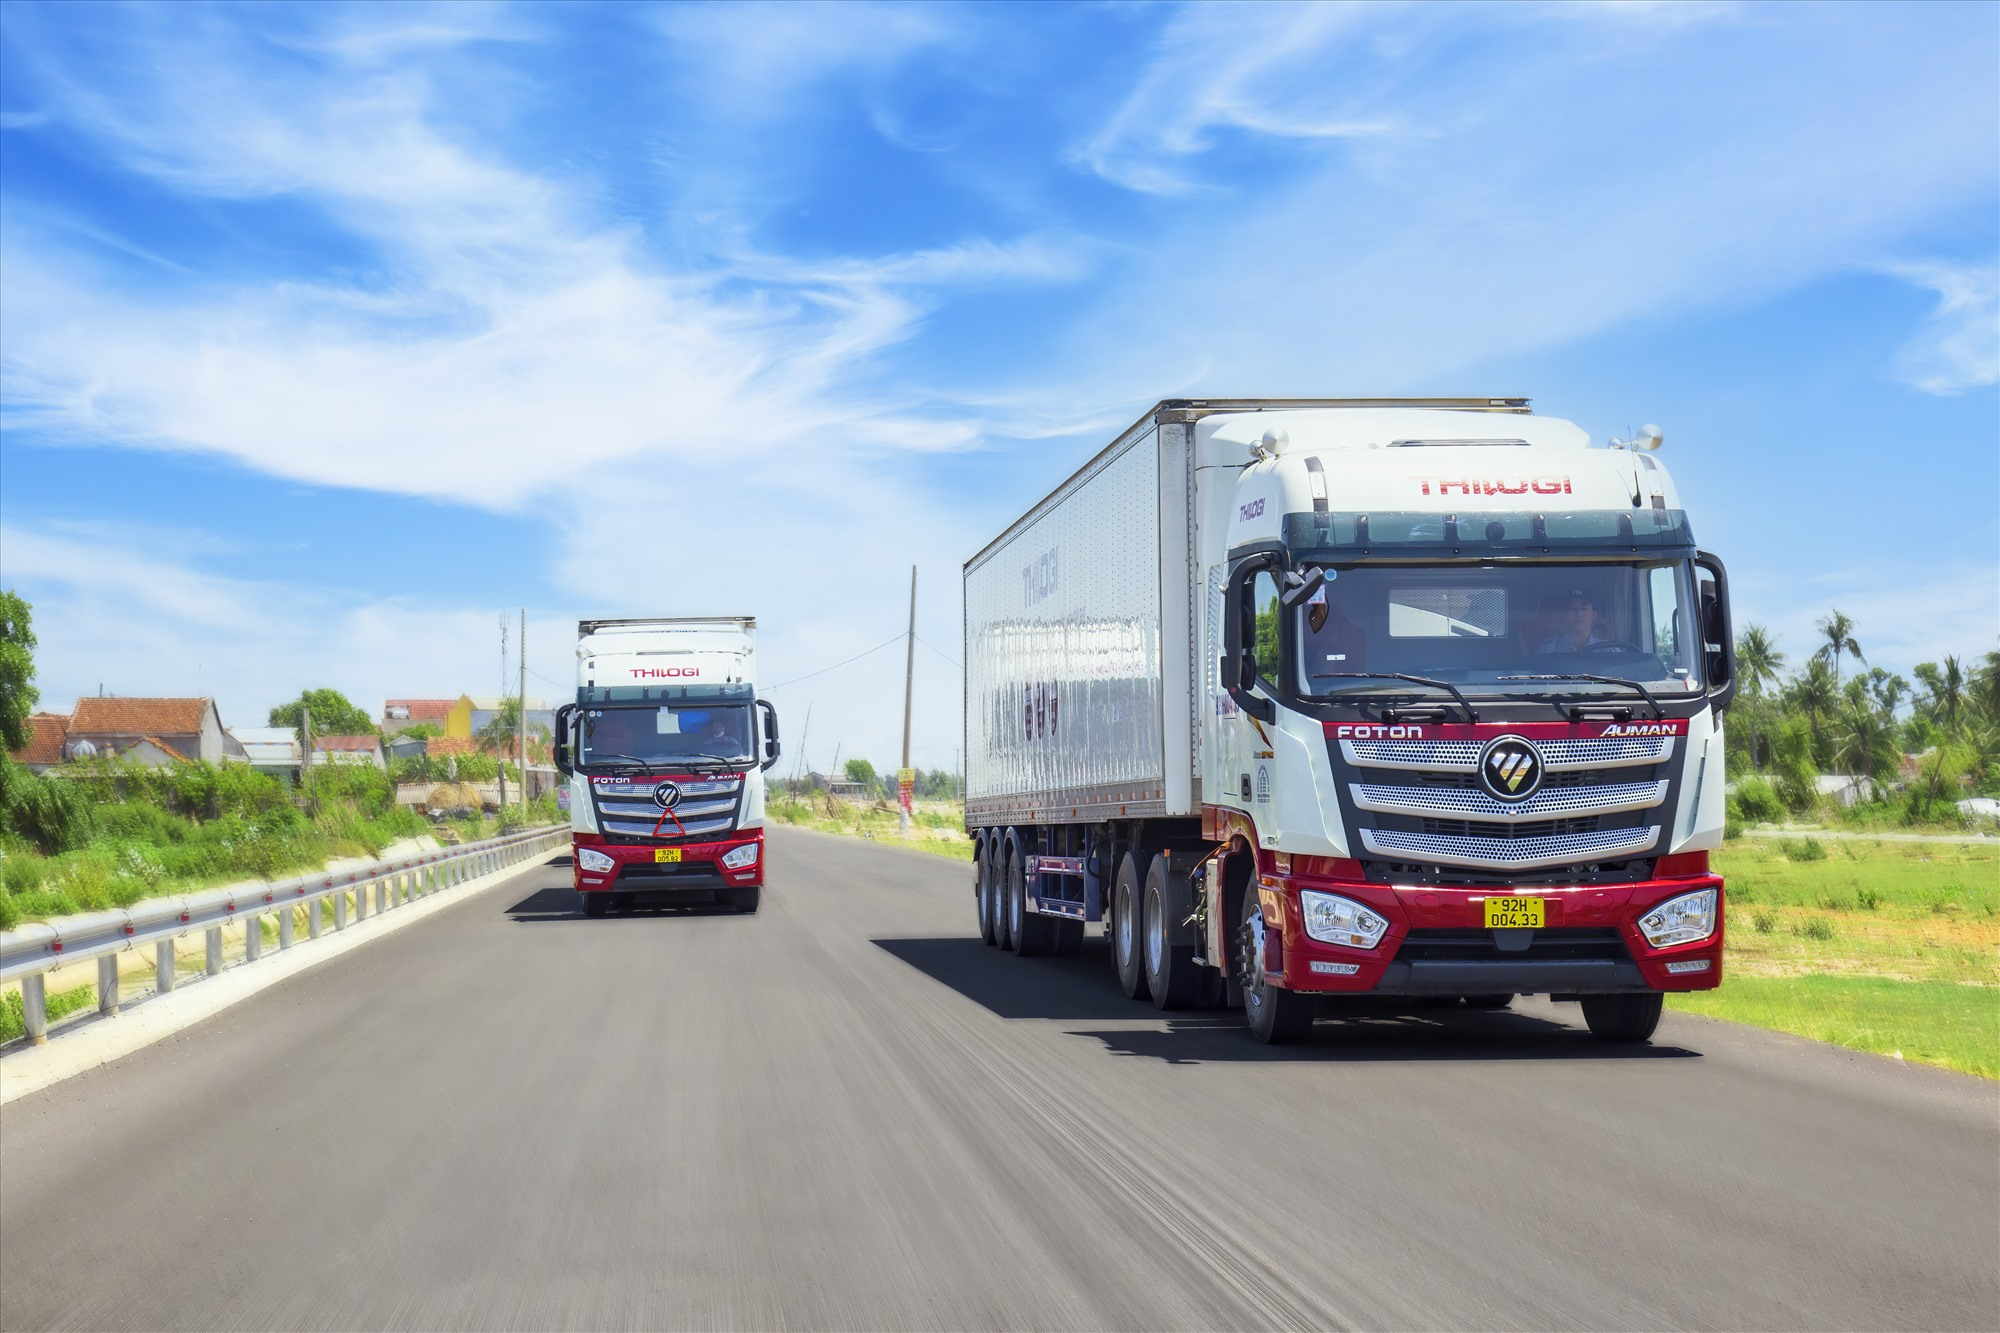 Xe của THILOGI vận chuyển nông sản cho khách hàng.